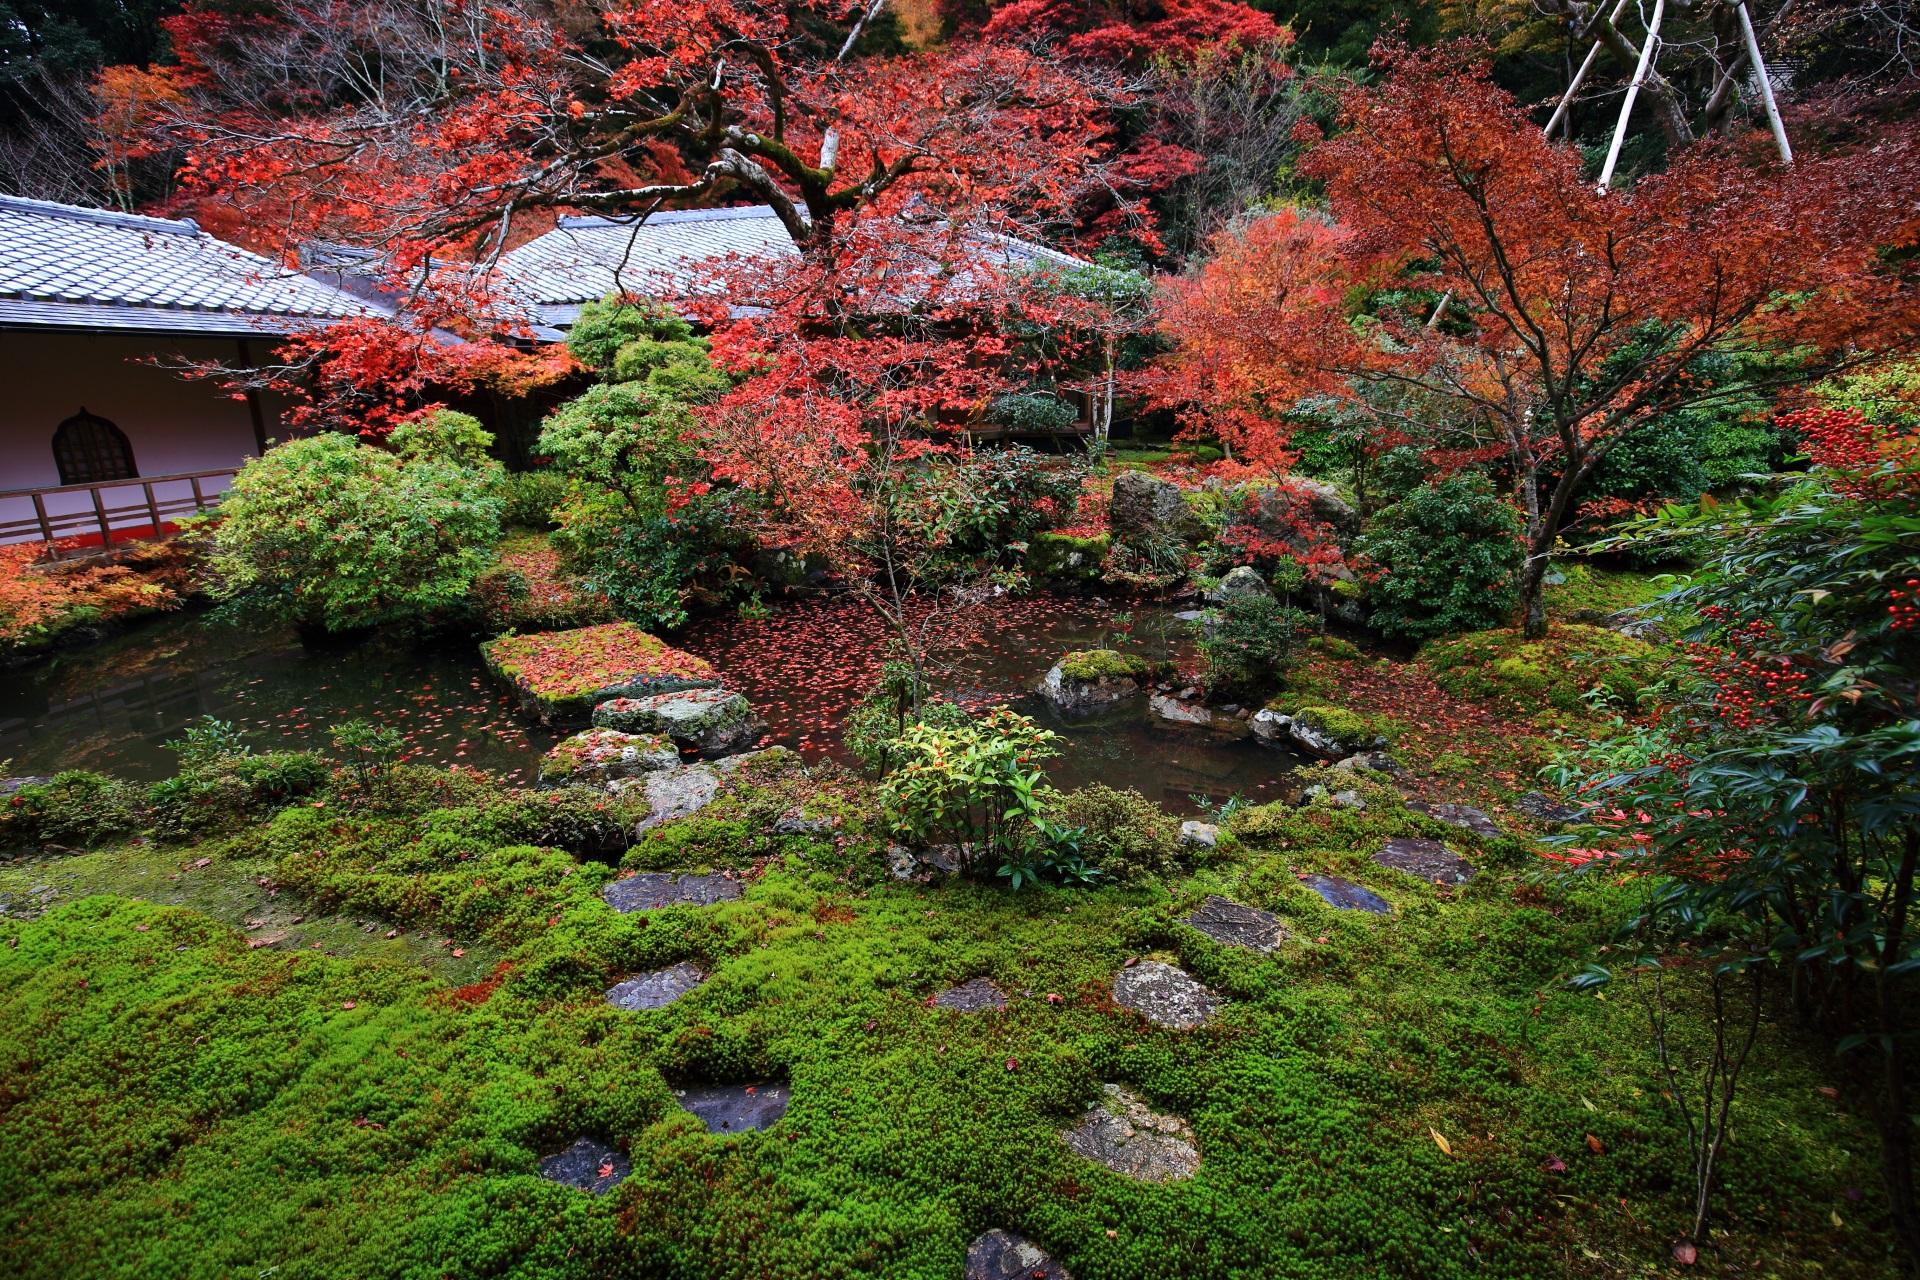 実相院門跡の池泉式庭園の水と緑を彩る紅葉と散りもみじ